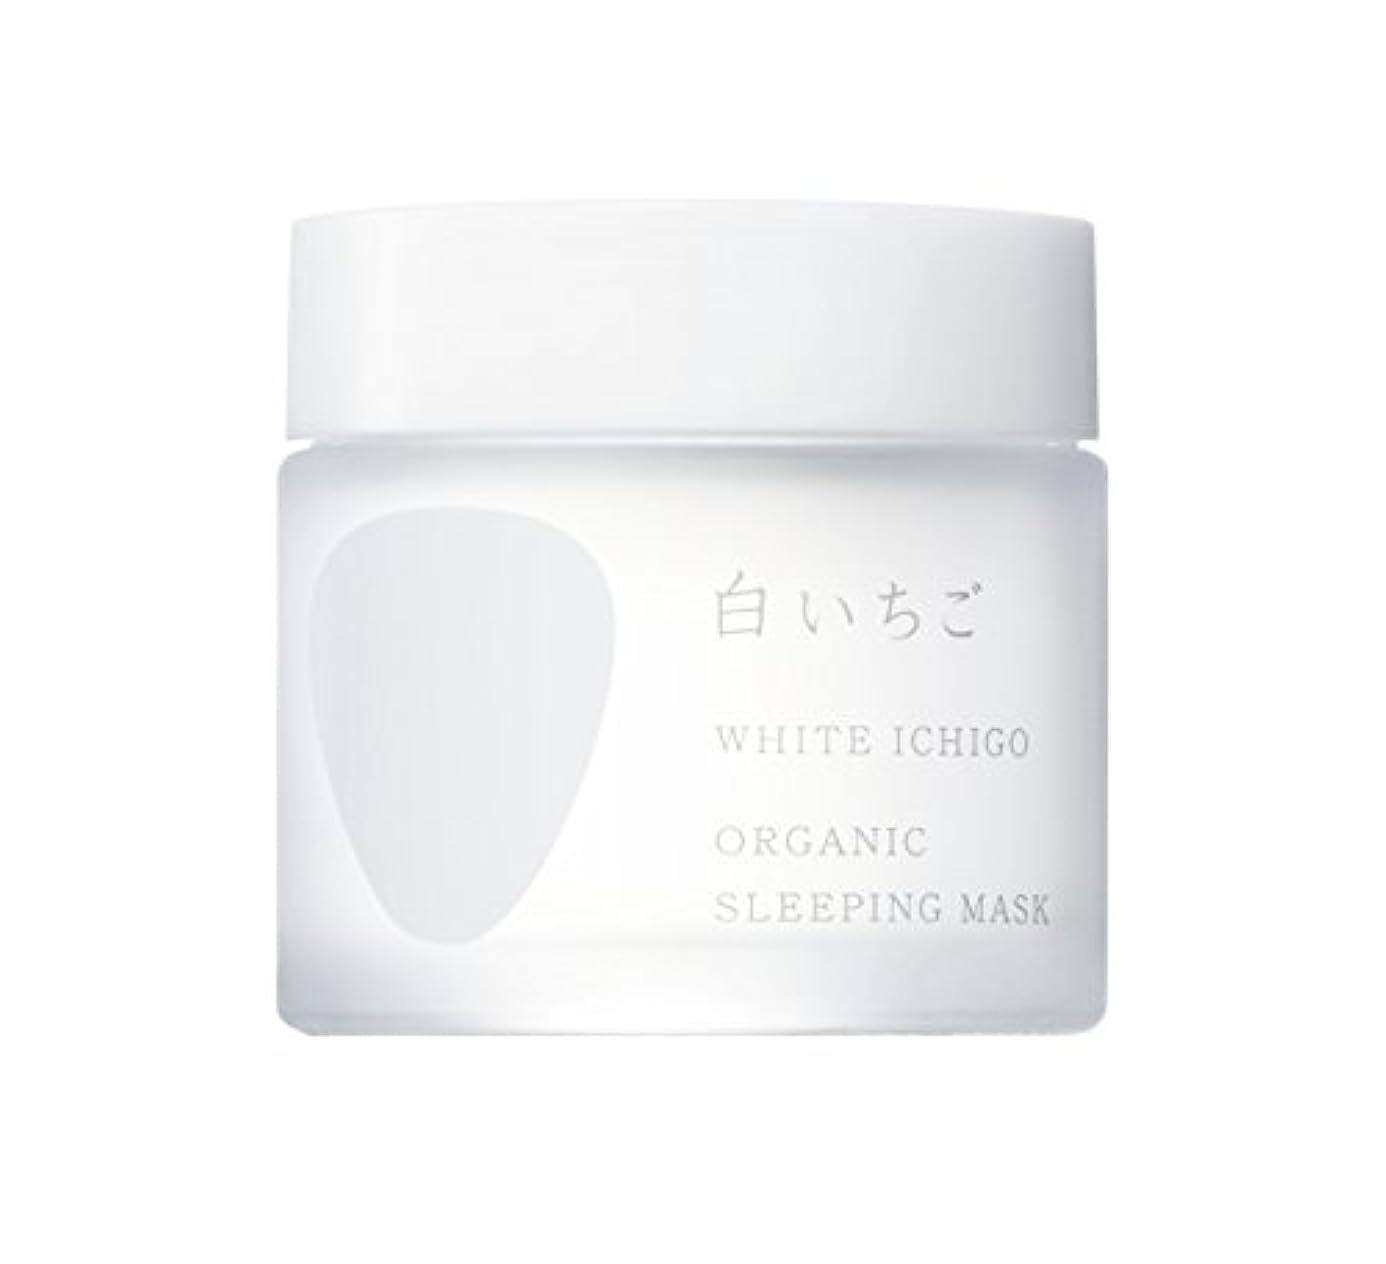 商標適度な苦行WHITE ICHIGO(ホワイトイチゴ) オーガニック スリーピング マスク 50g